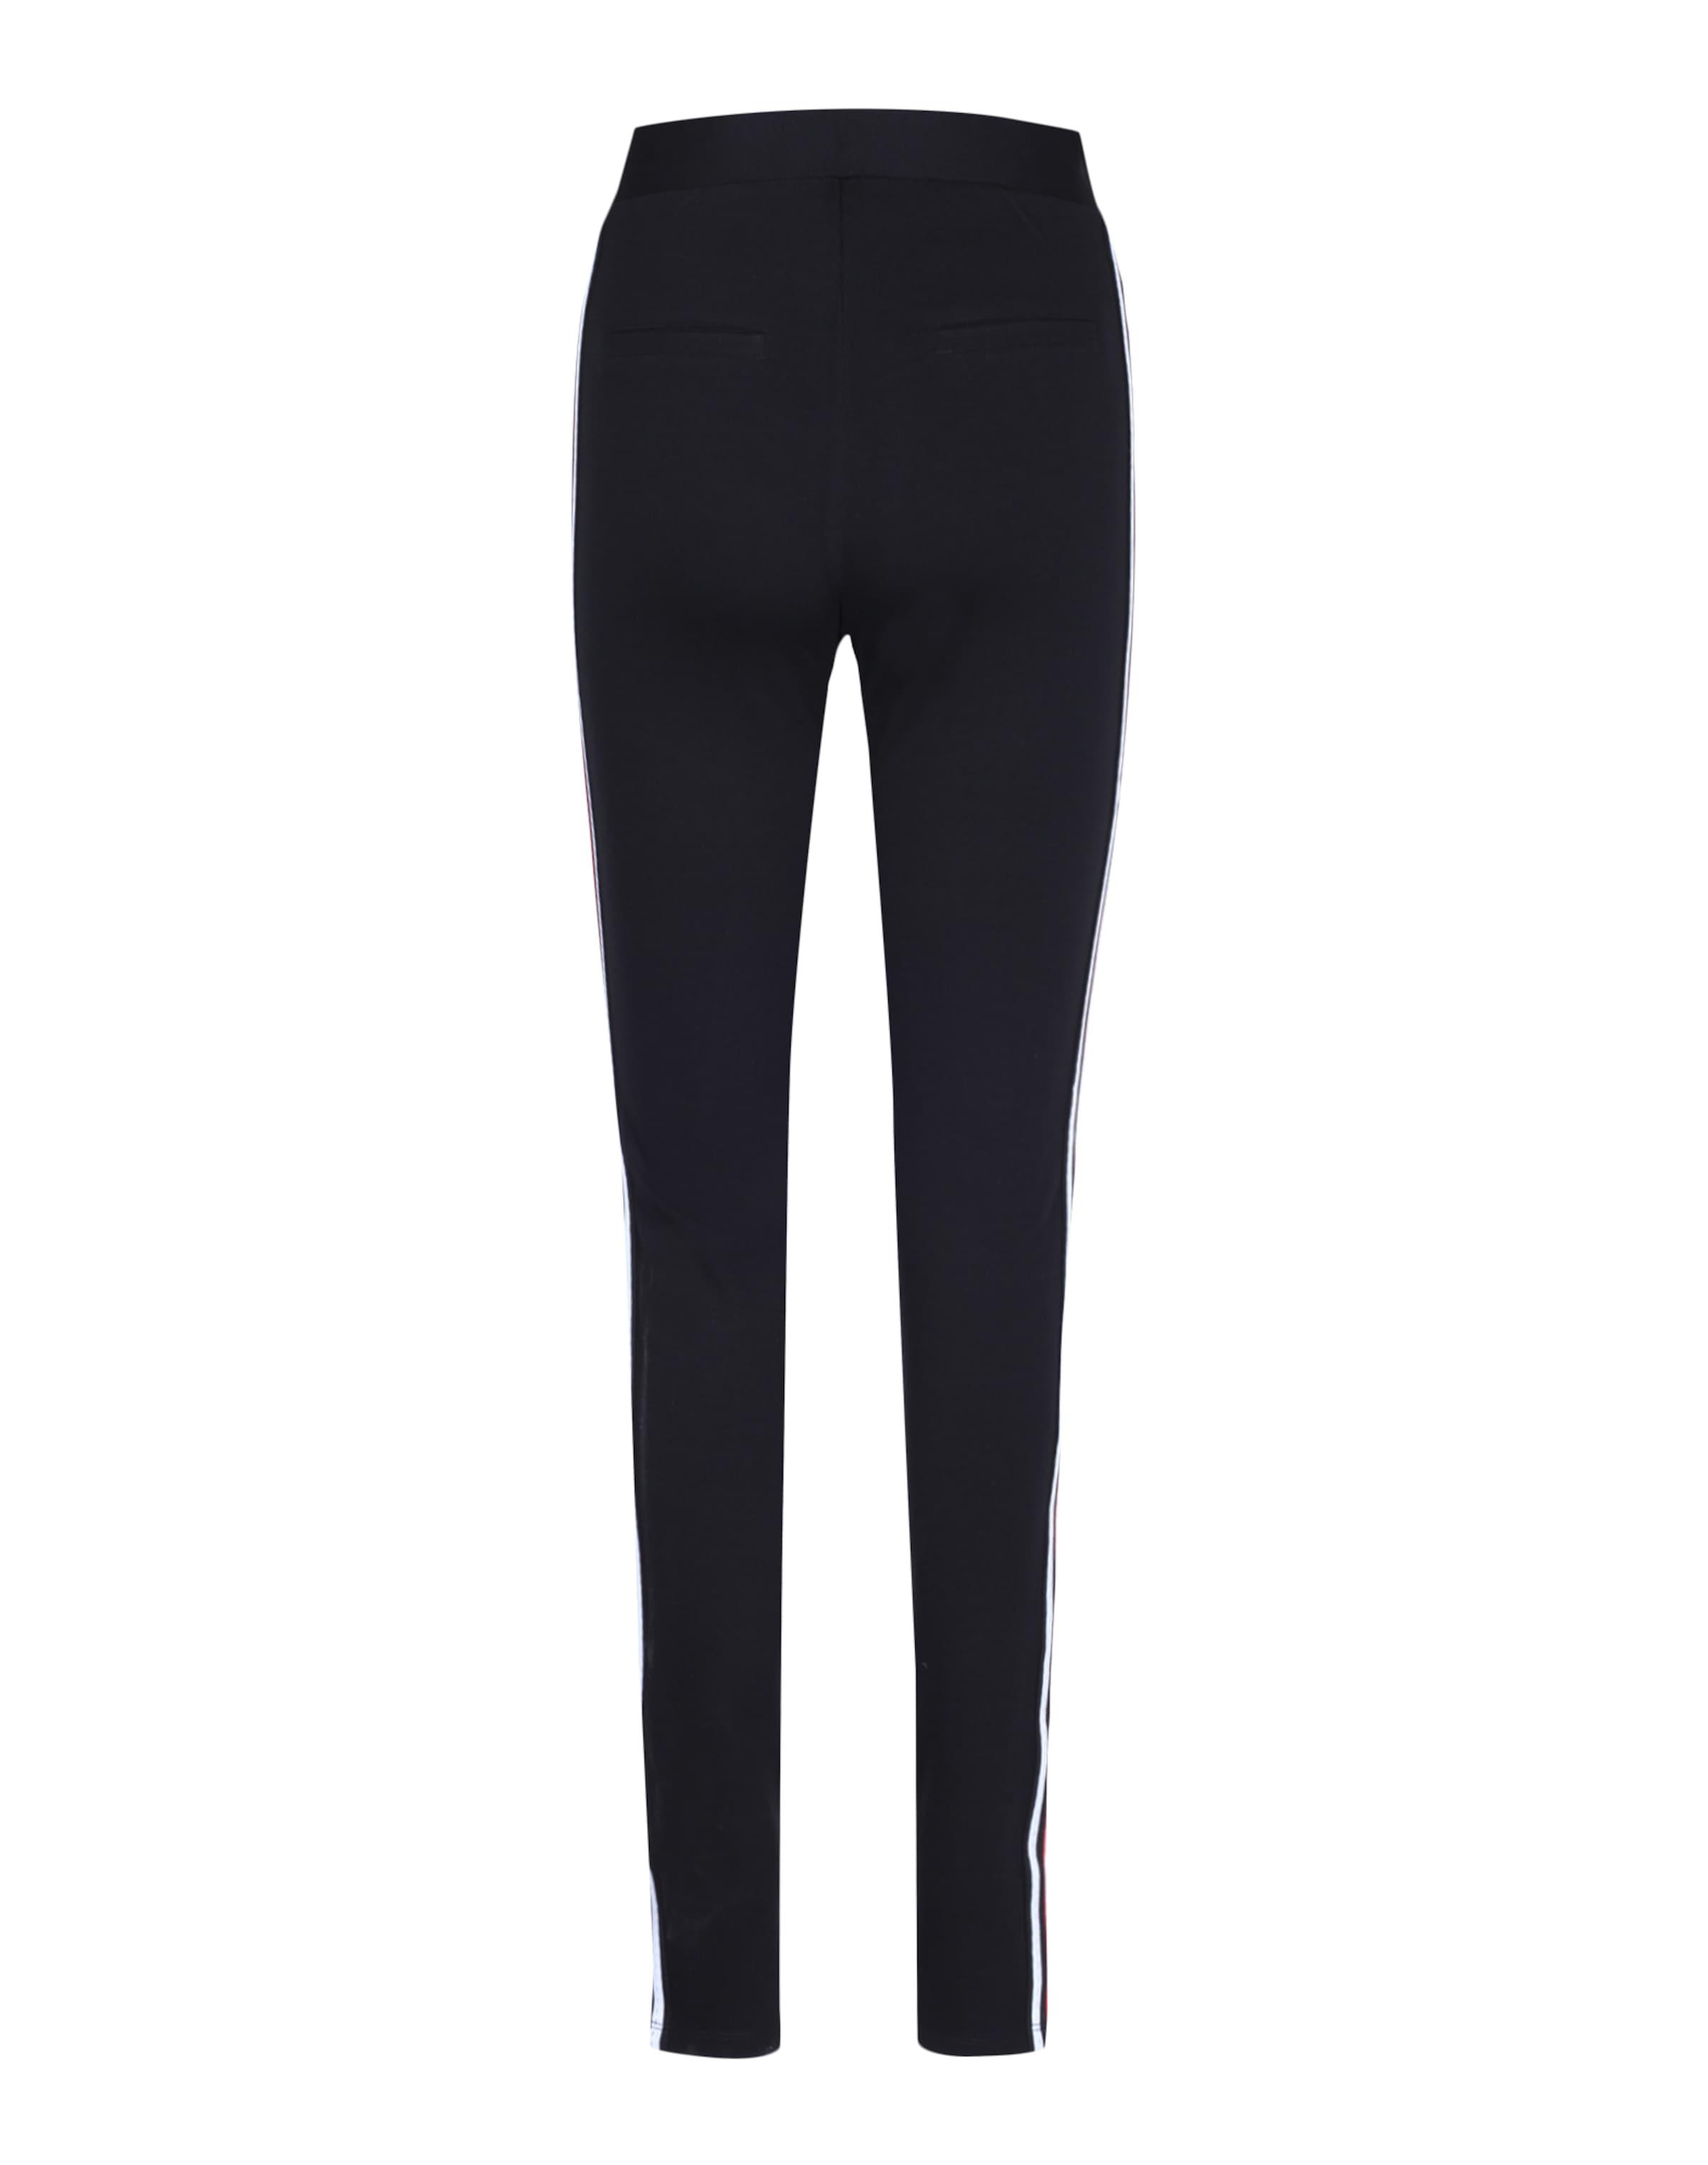 Original- Spielraum In Mode eksept Sweatpants mit Streifen Günstig Kaufen Lohn Mit Paypal mMdk3